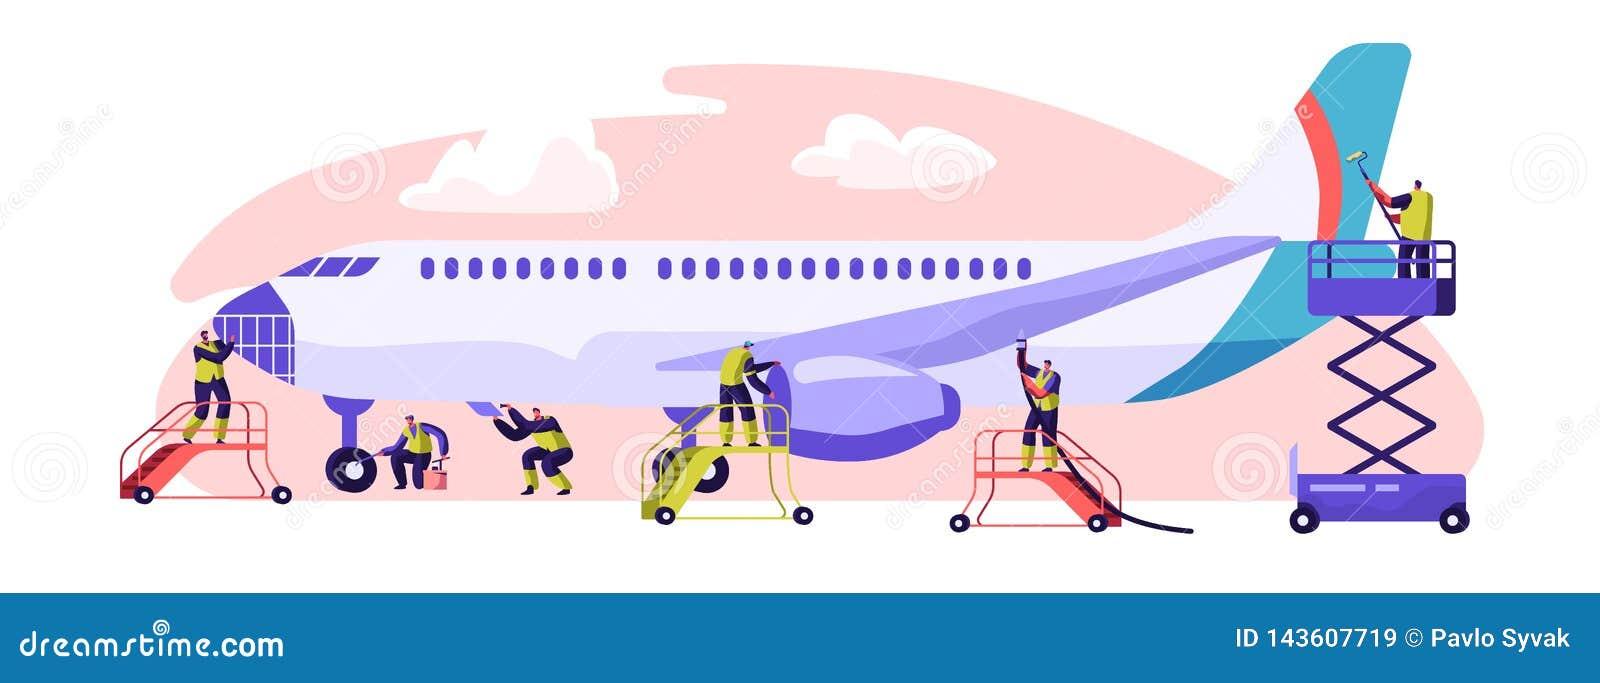 平面服务横幅 飞行器维修、检查和修理 任务表现要求保证继续的适航性